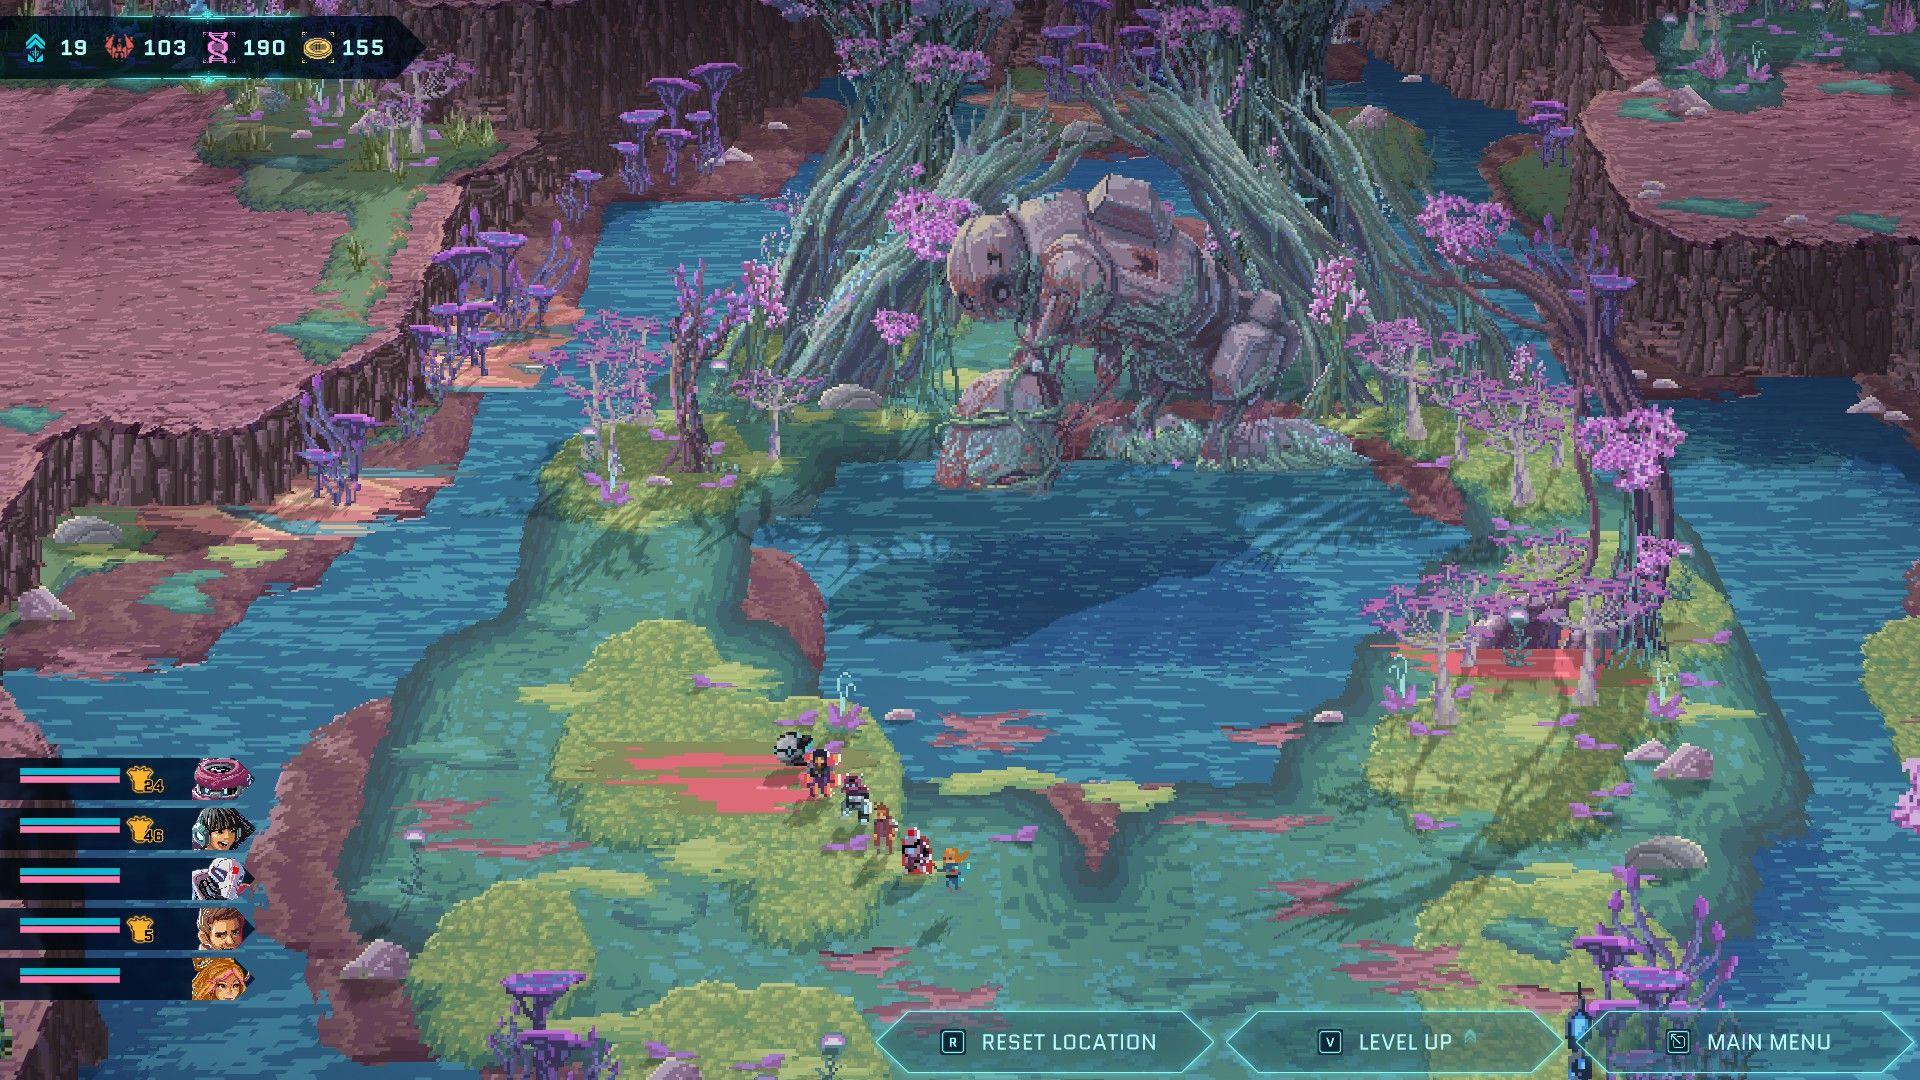 Una captura de pantalla del mapa más amplia de Star Renegades que muestra al equipo caminando por la orilla cubierta de musgo de un lago o estanque.  En la orilla opuesta hay un robot oxidado gigante inclinado sobre el agua.